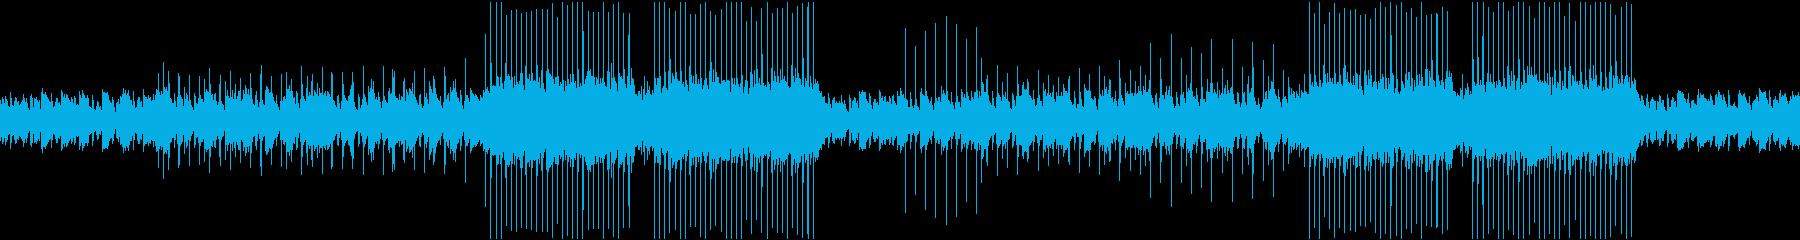 ピアノでしっとり、独特な雰囲気の楽曲の再生済みの波形